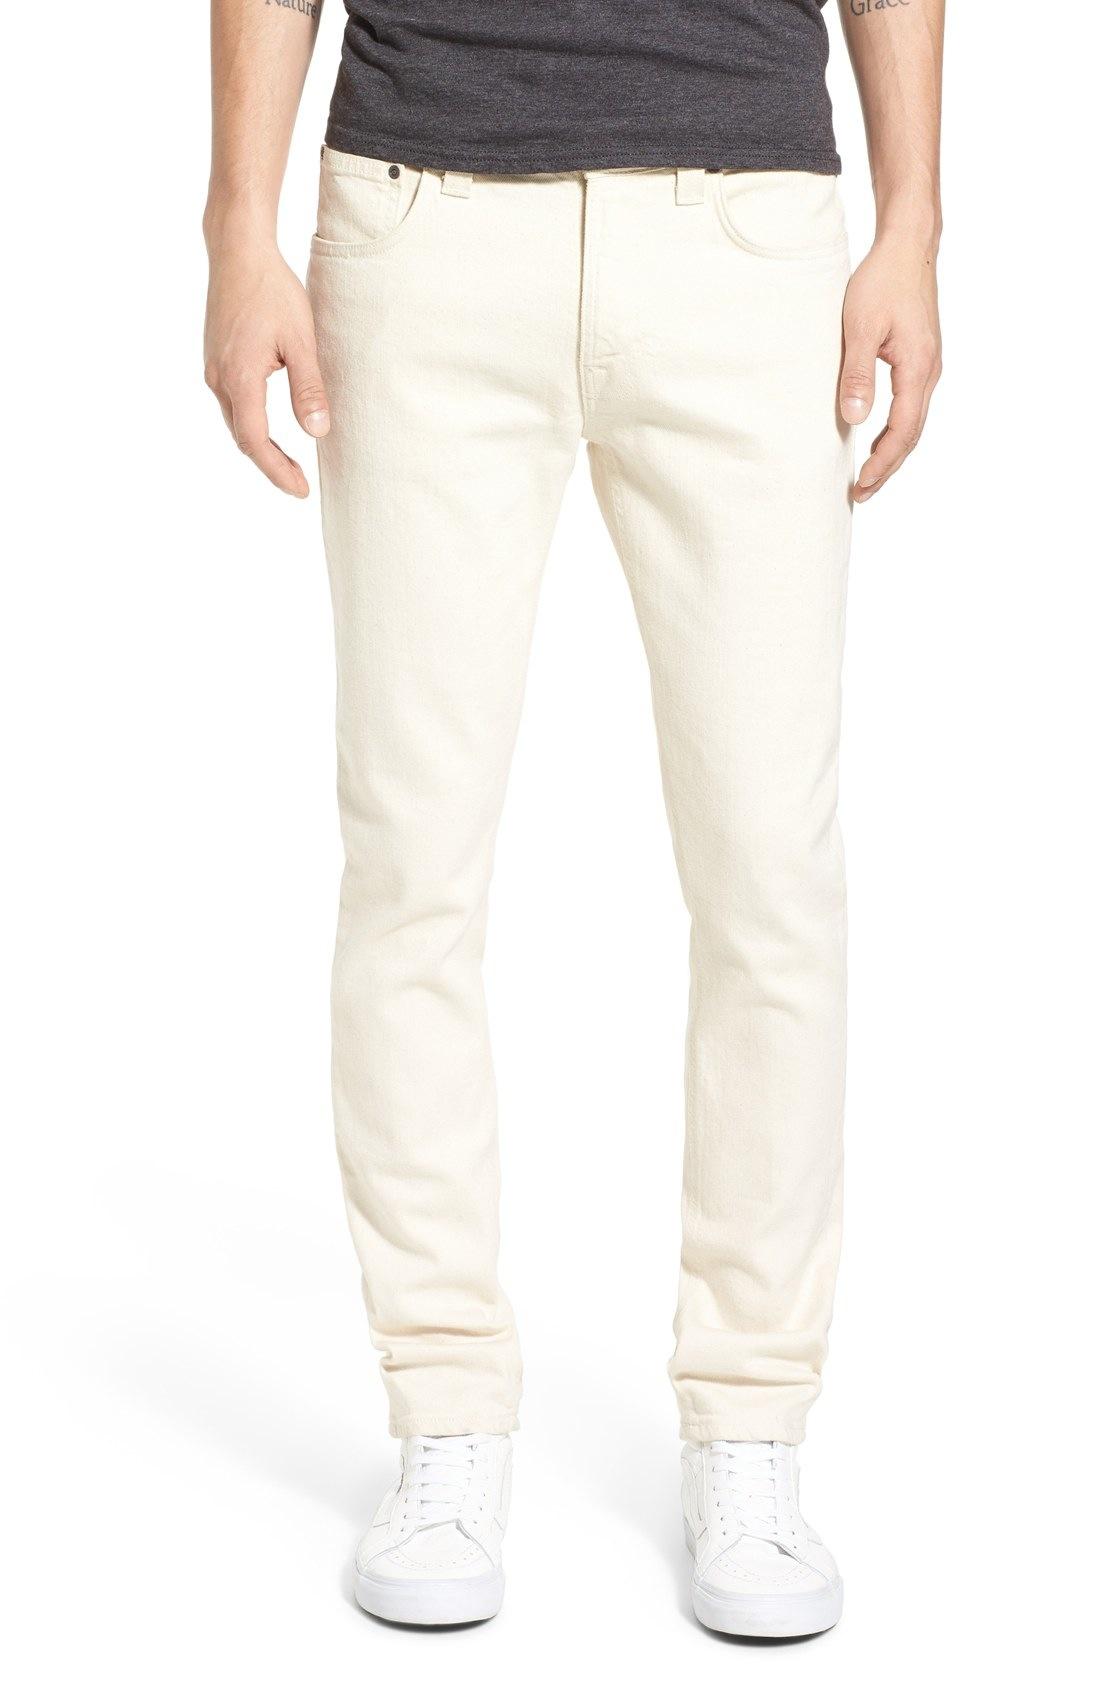 The-Nudie-Lean-Dean-skinny-fit-jeans-Ecrue-2